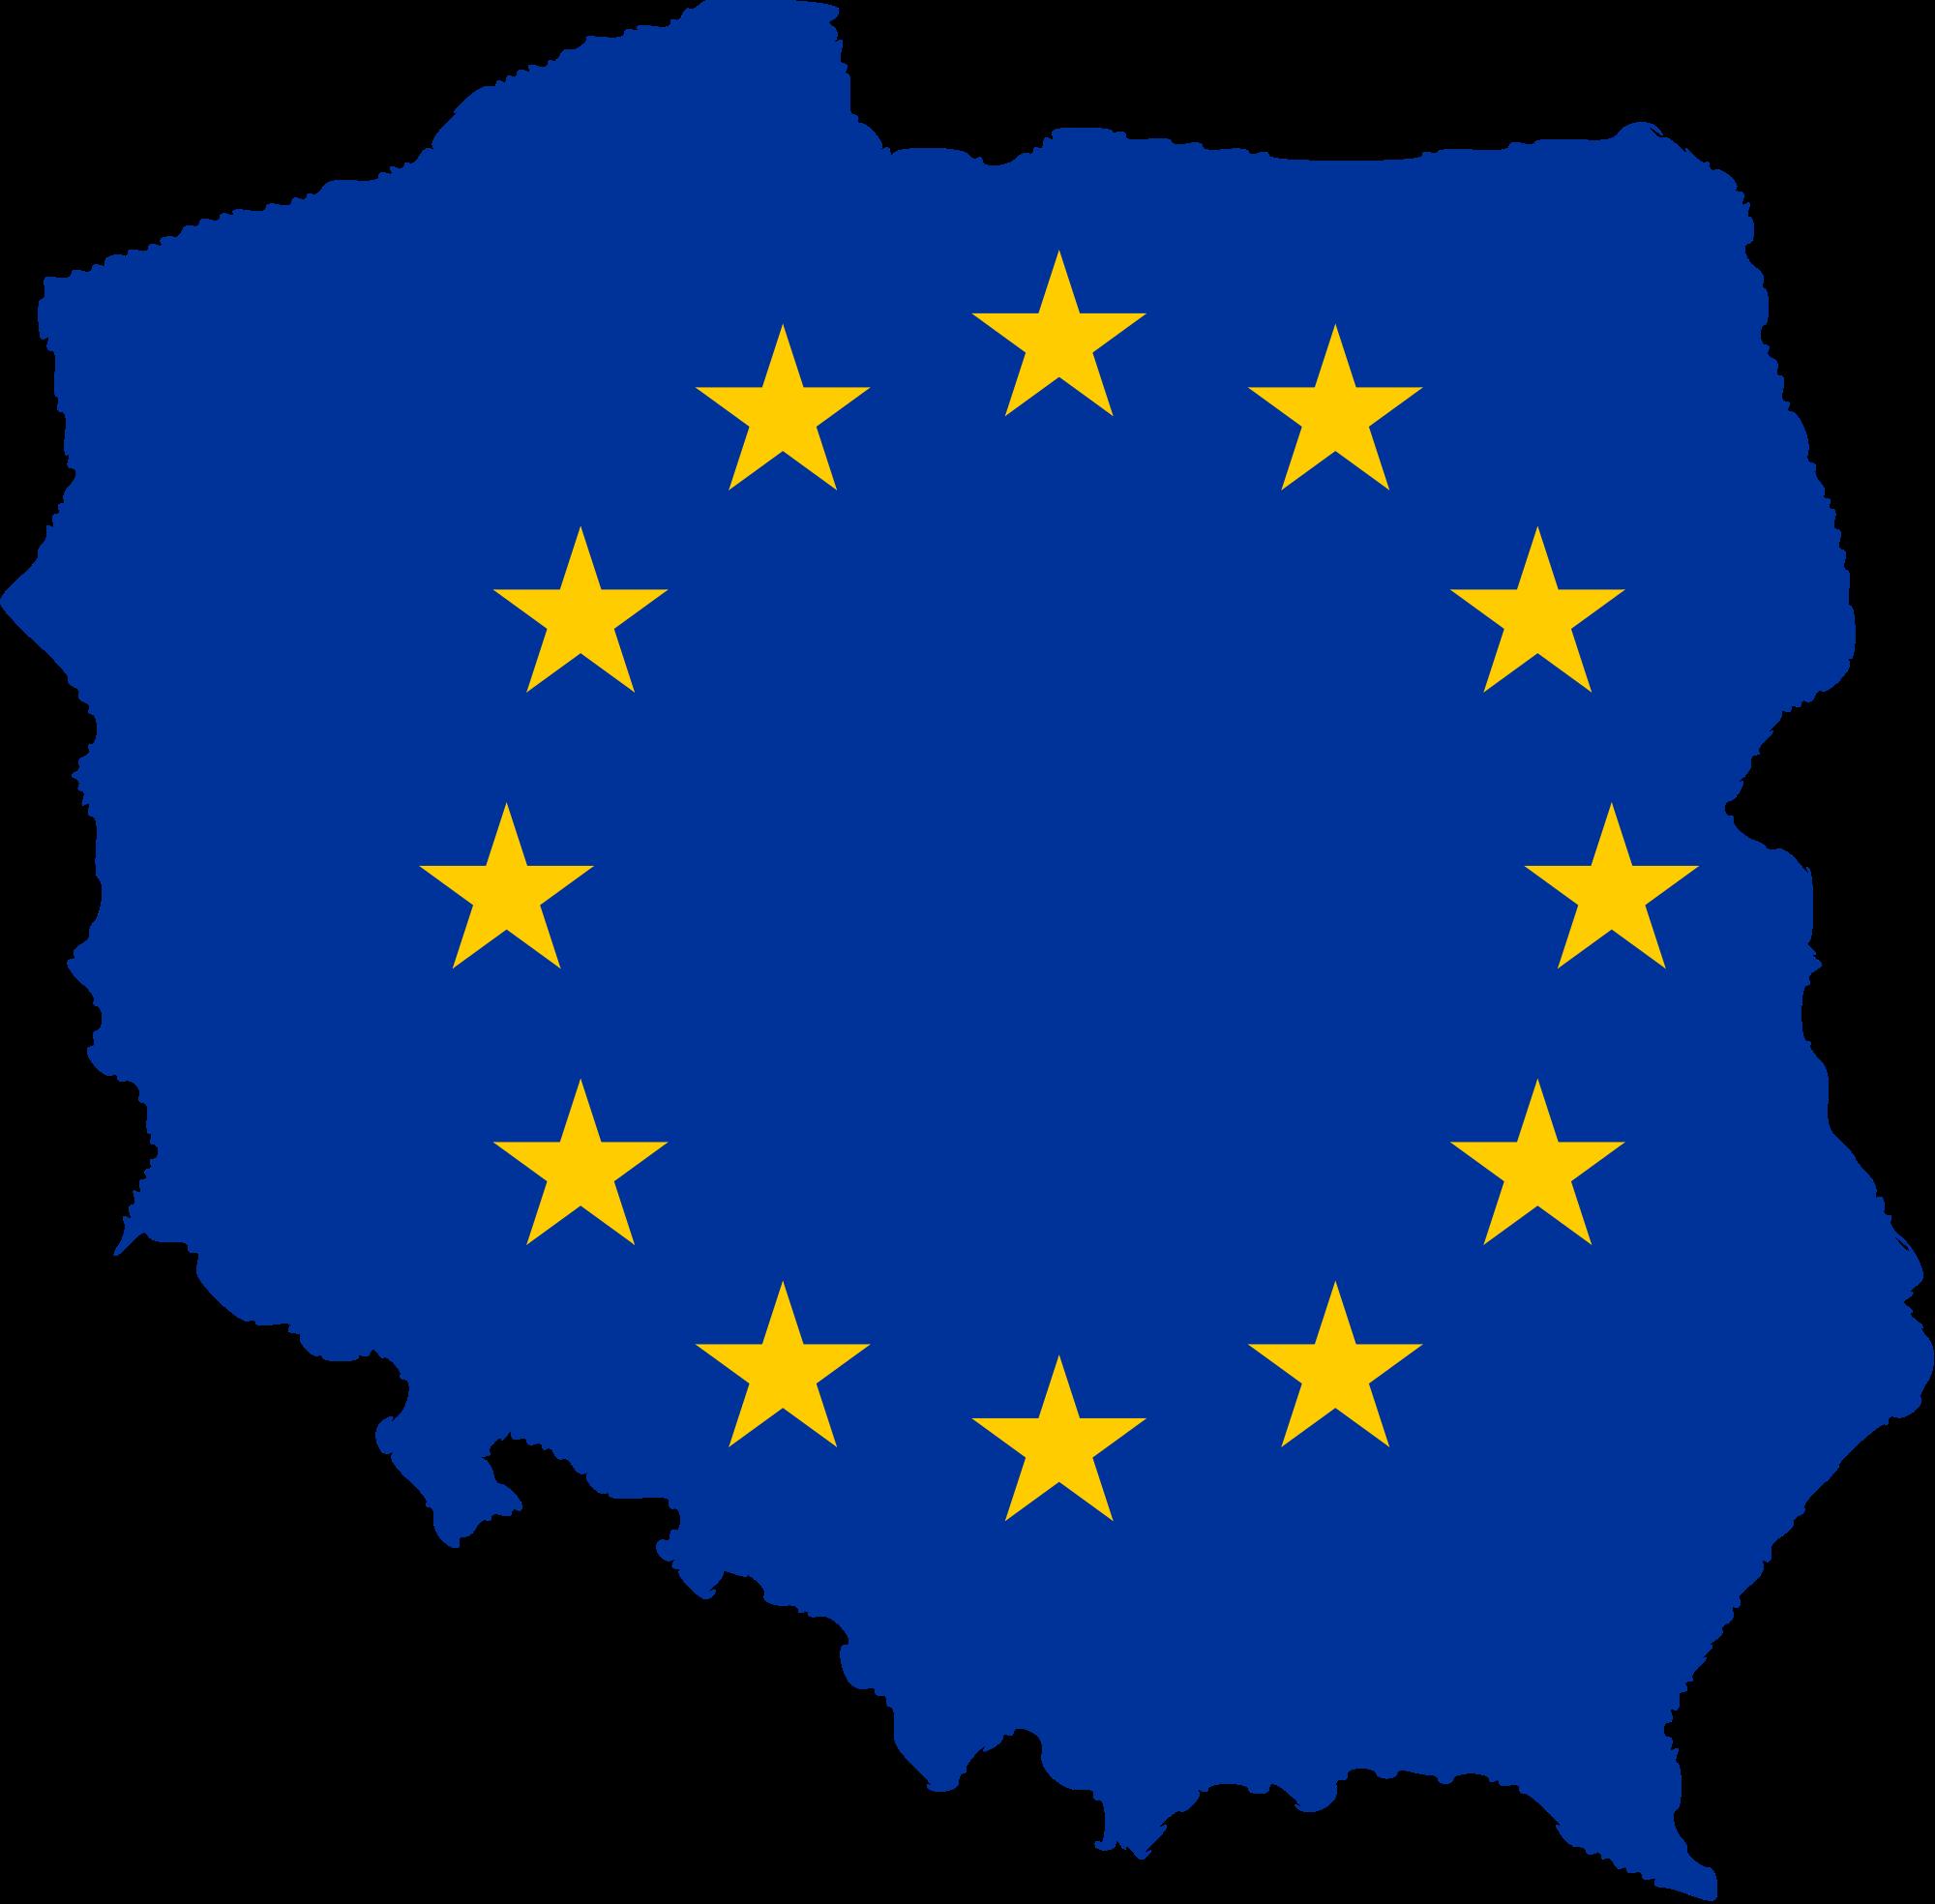 Unia według ministra Szczerskiego